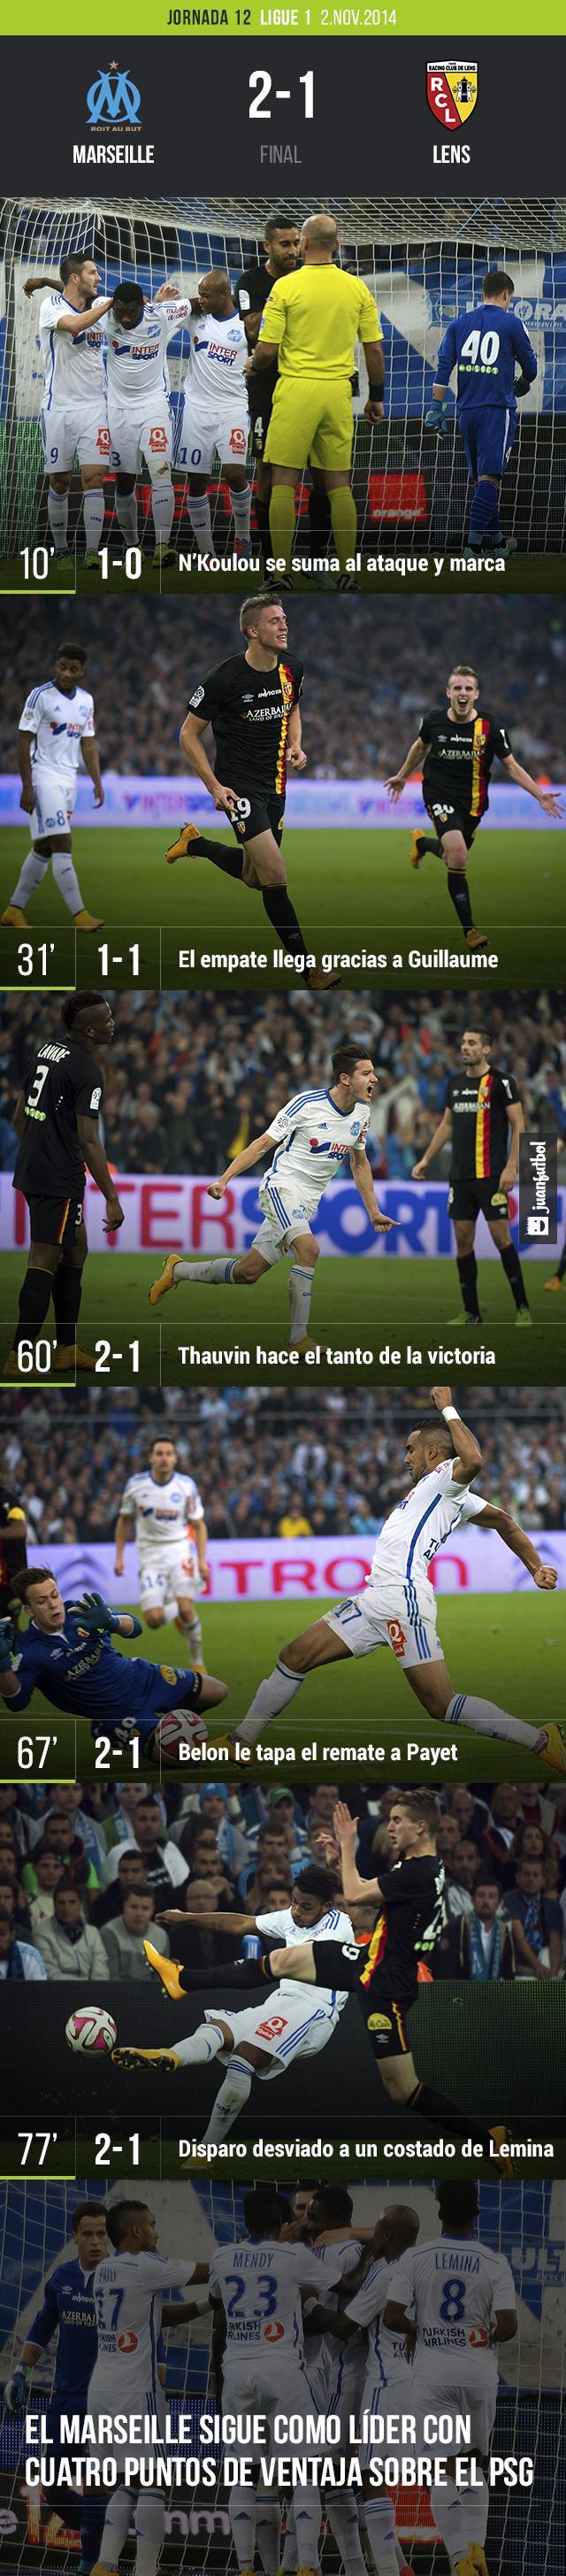 El Marseille vence al Lens 2-1 con goles de N'Koulou y Thauvin